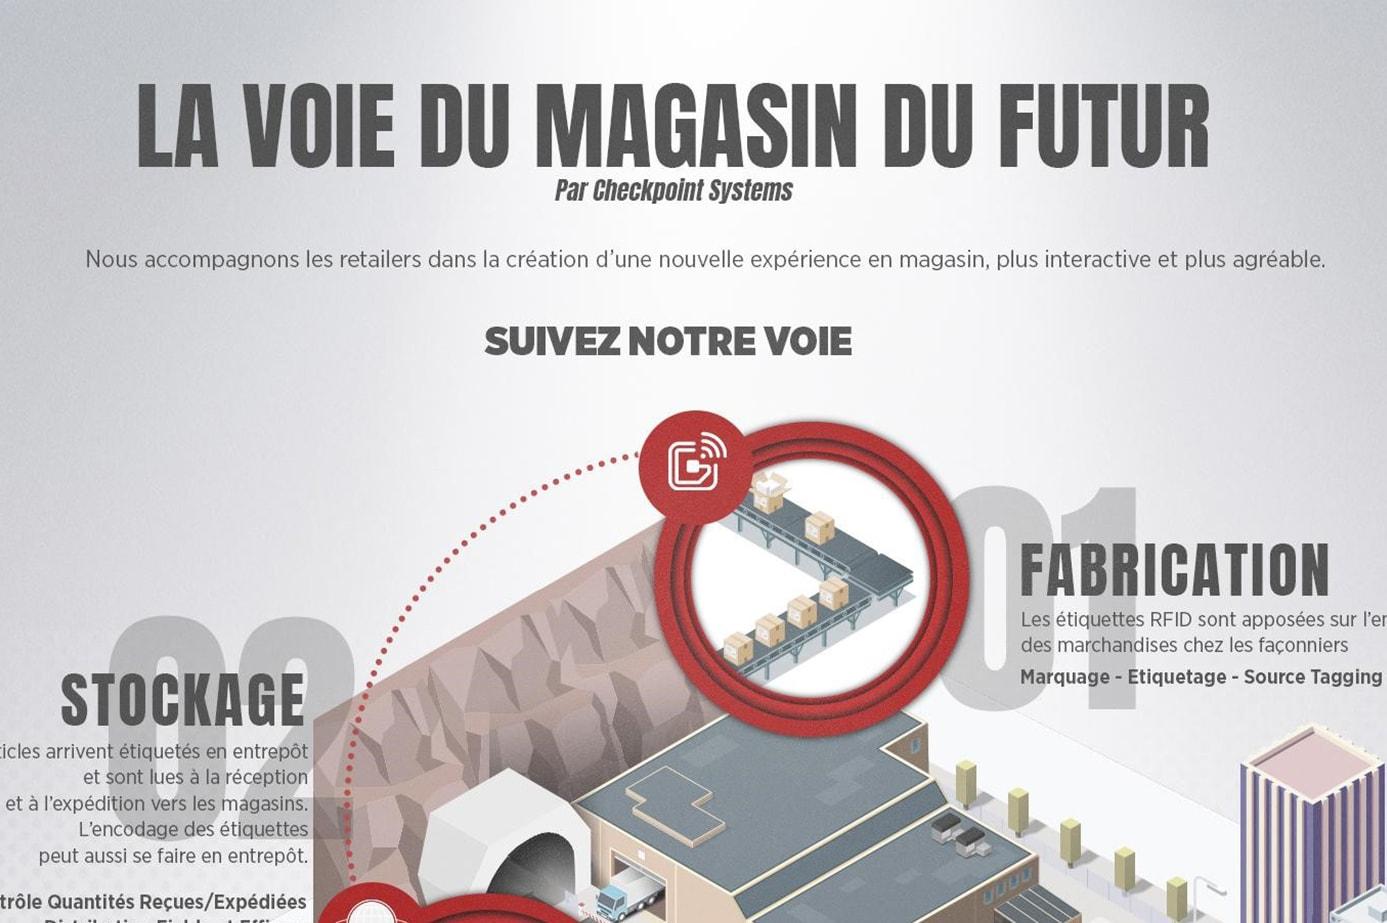 La voie du magasin du futur